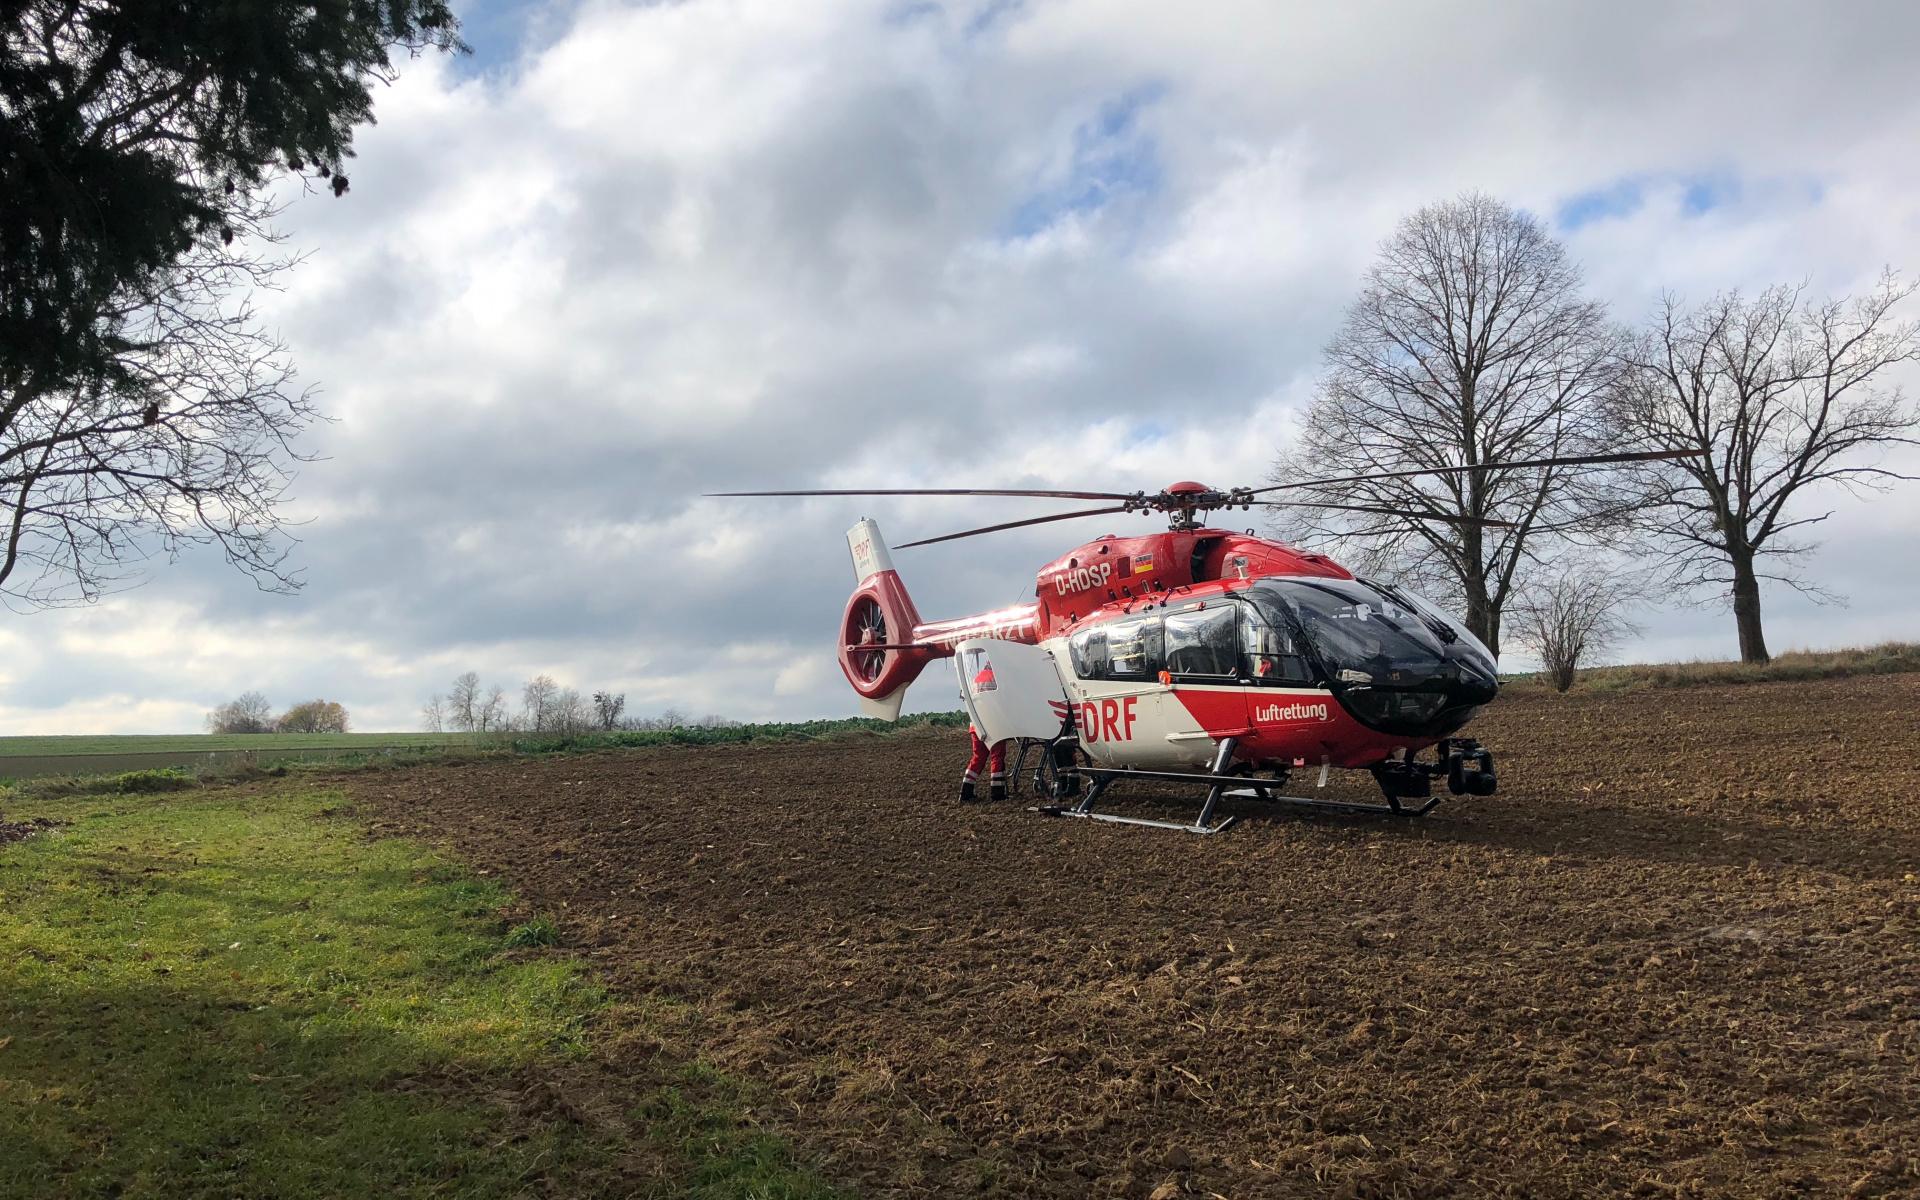 Einsatz in Mallersdorf-Pfaffenberg: Ein mit heißem Wasser verbrühtes kleines Mädchen musste schnell in eine Spezialklinik geflogen werden.